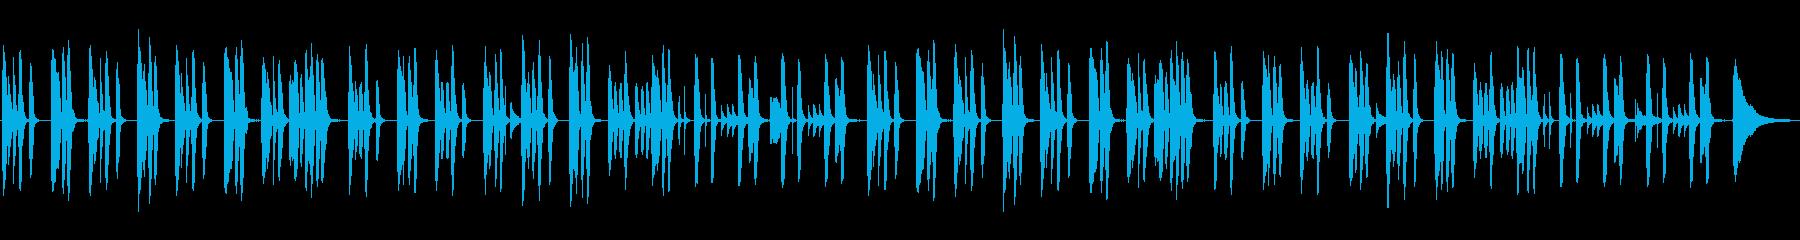 ほっこり・ほんわか・ピアノとフルートの再生済みの波形